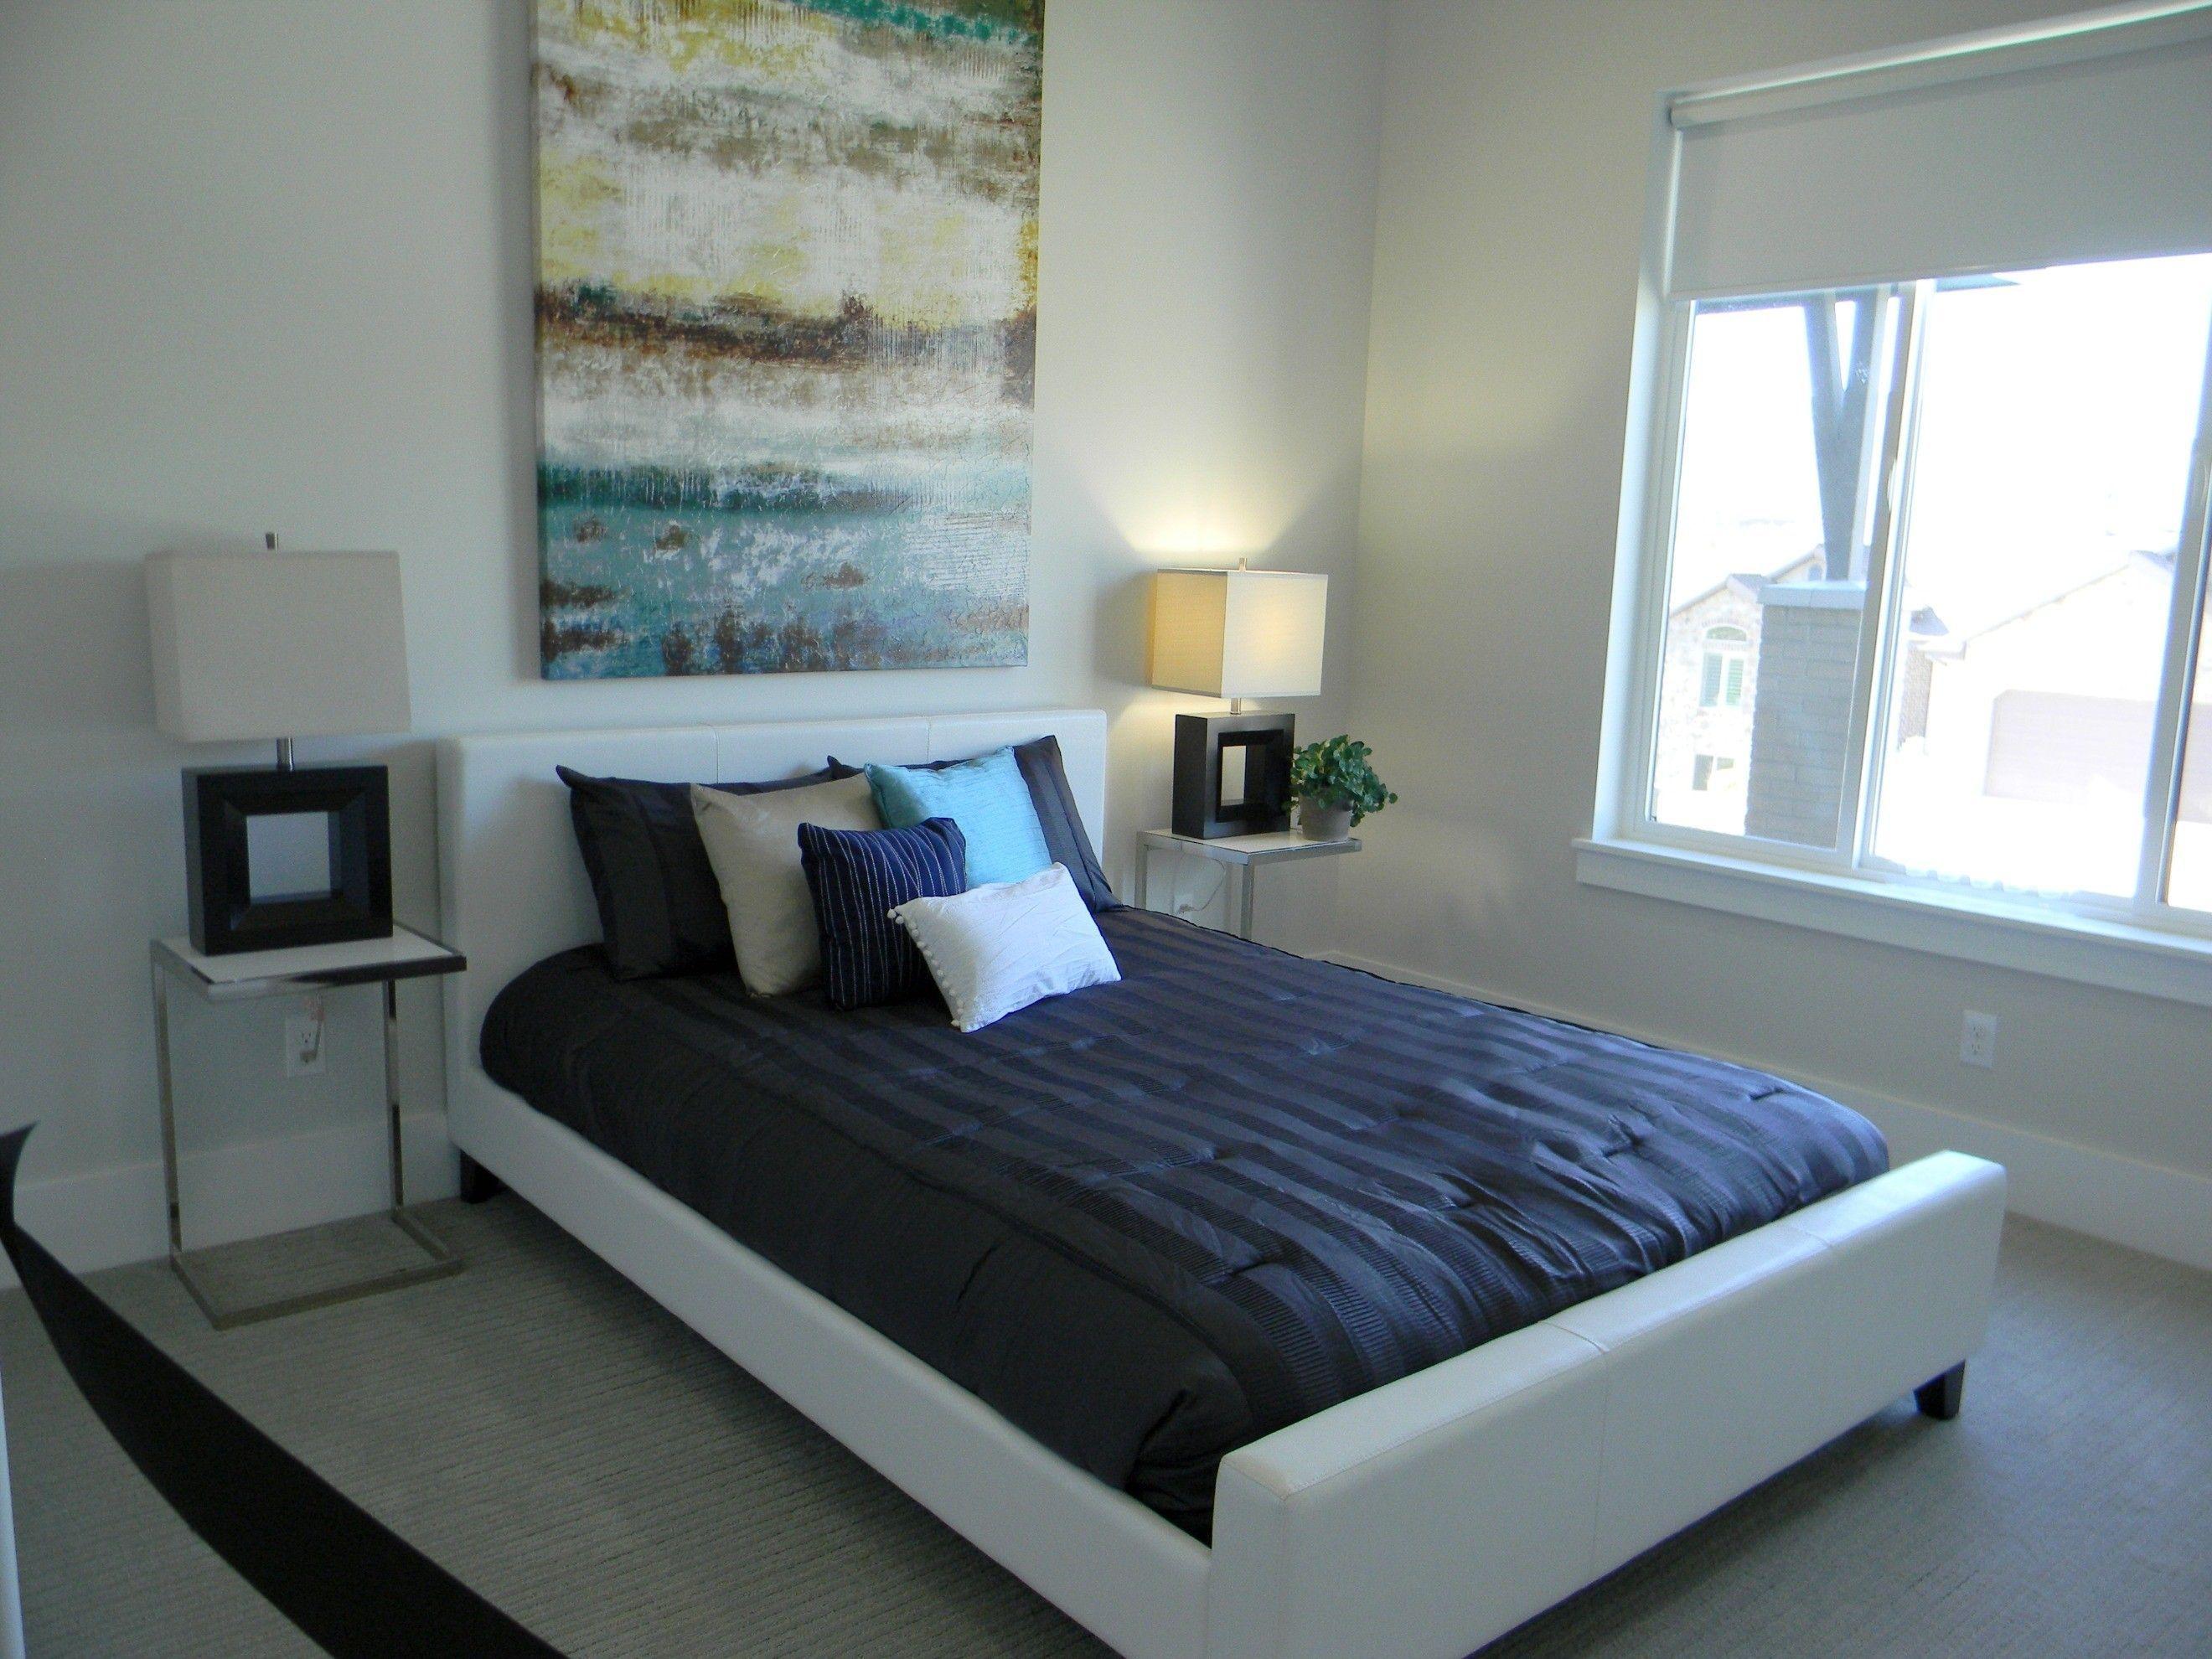 schlafzimmer ideen wandgestaltung farbe in 2020 | Wohnung ...